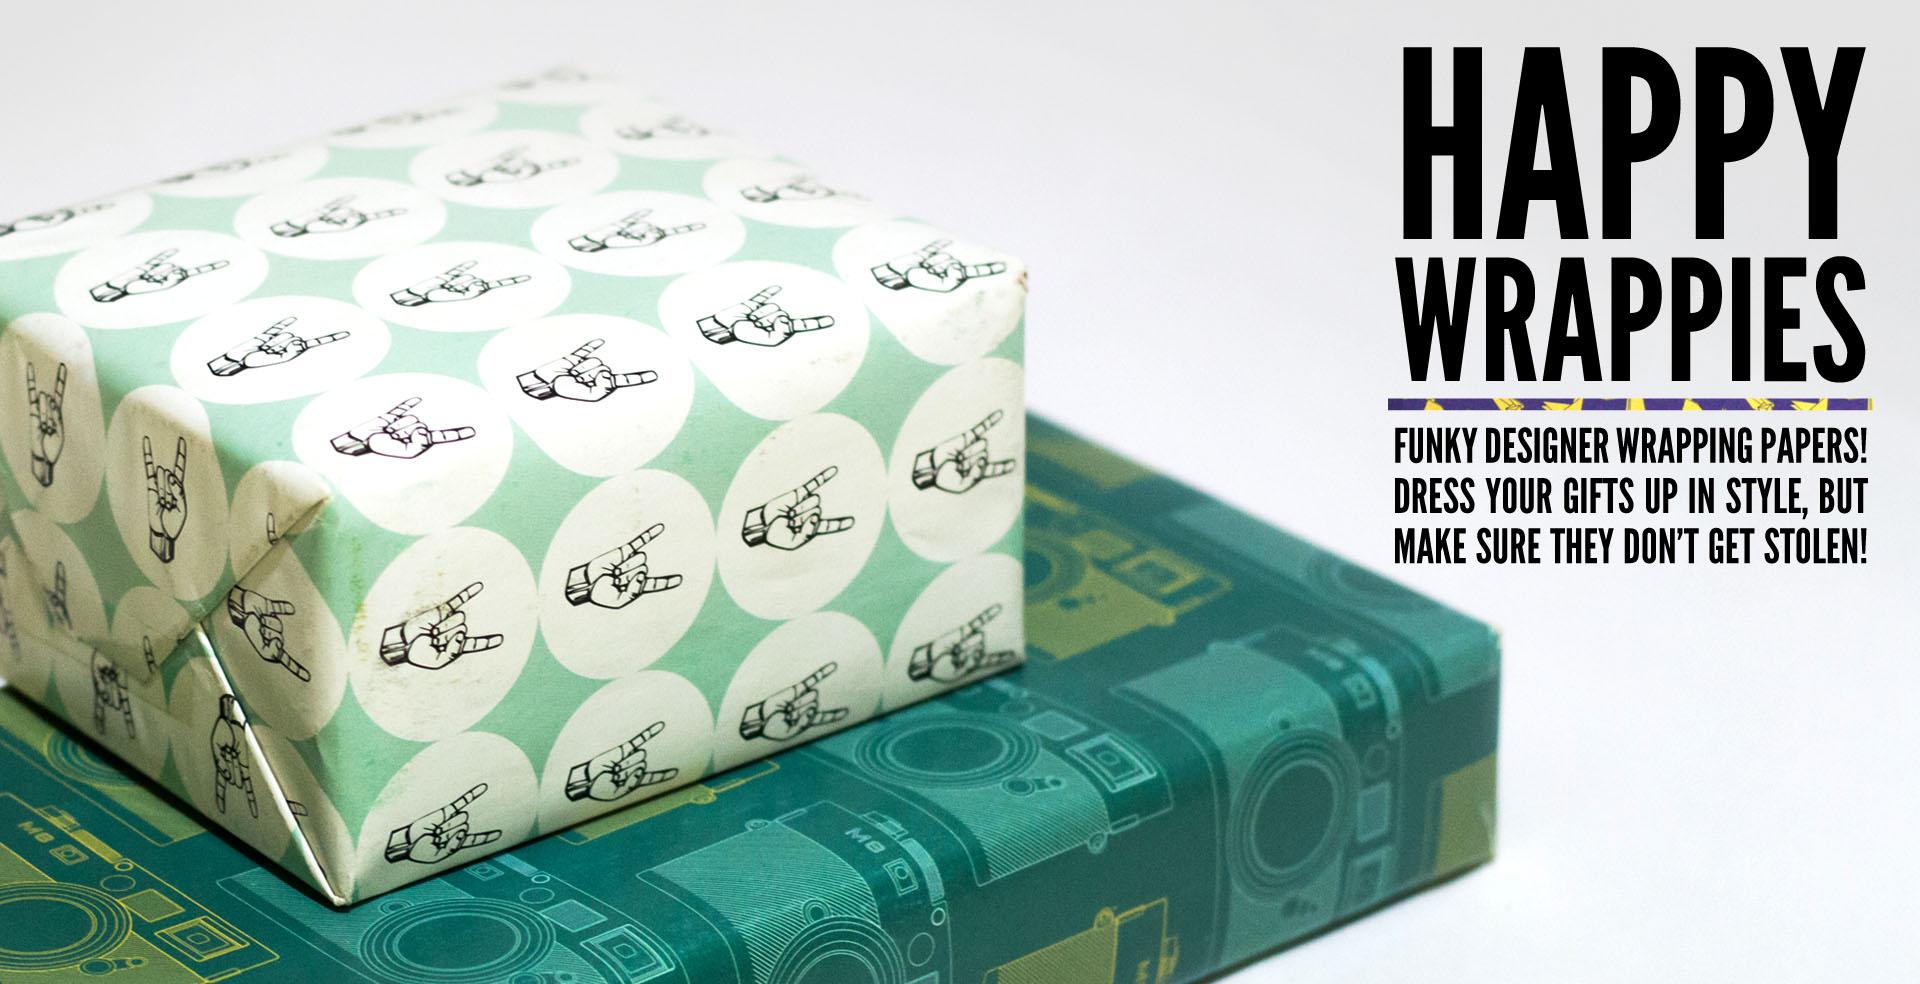 Happy Wrappie